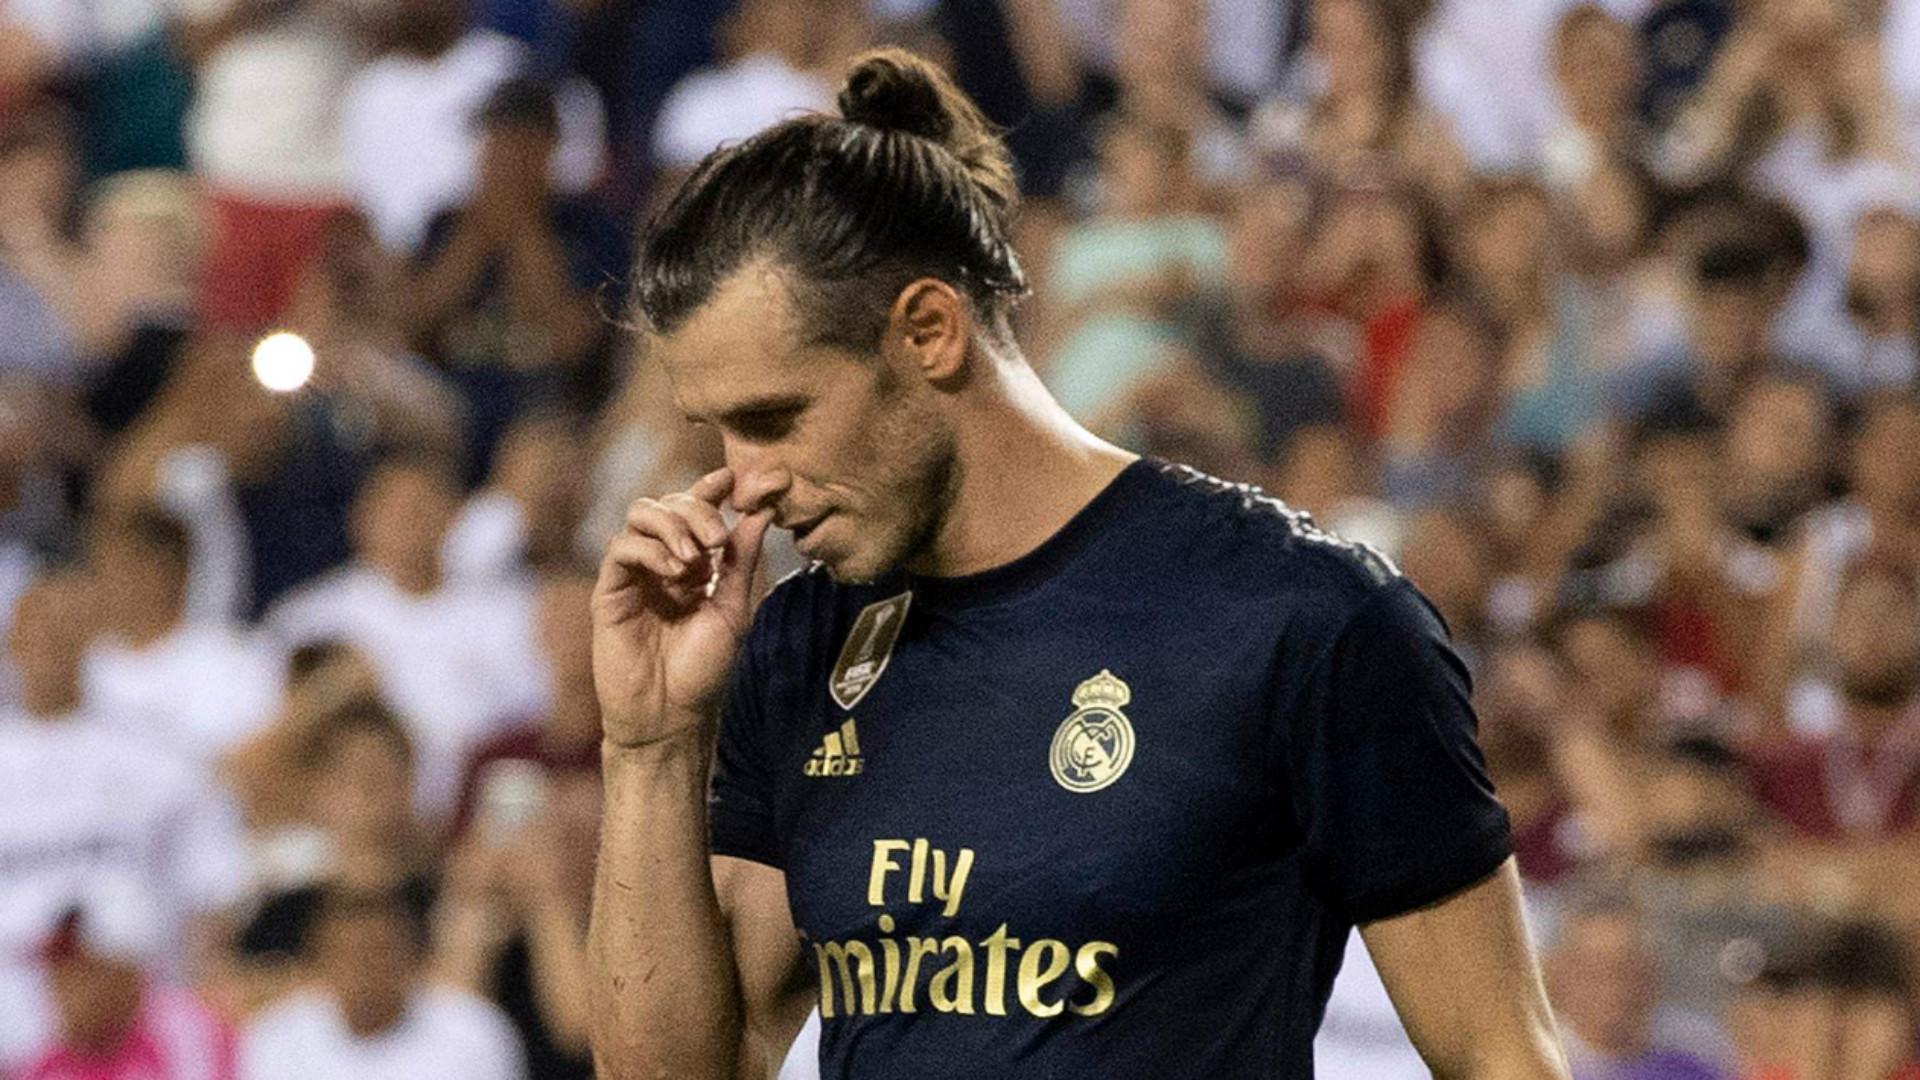 Calciomercato: Bale allo Jiangsu Suning. Guadagnerà 22 milioni a stagione